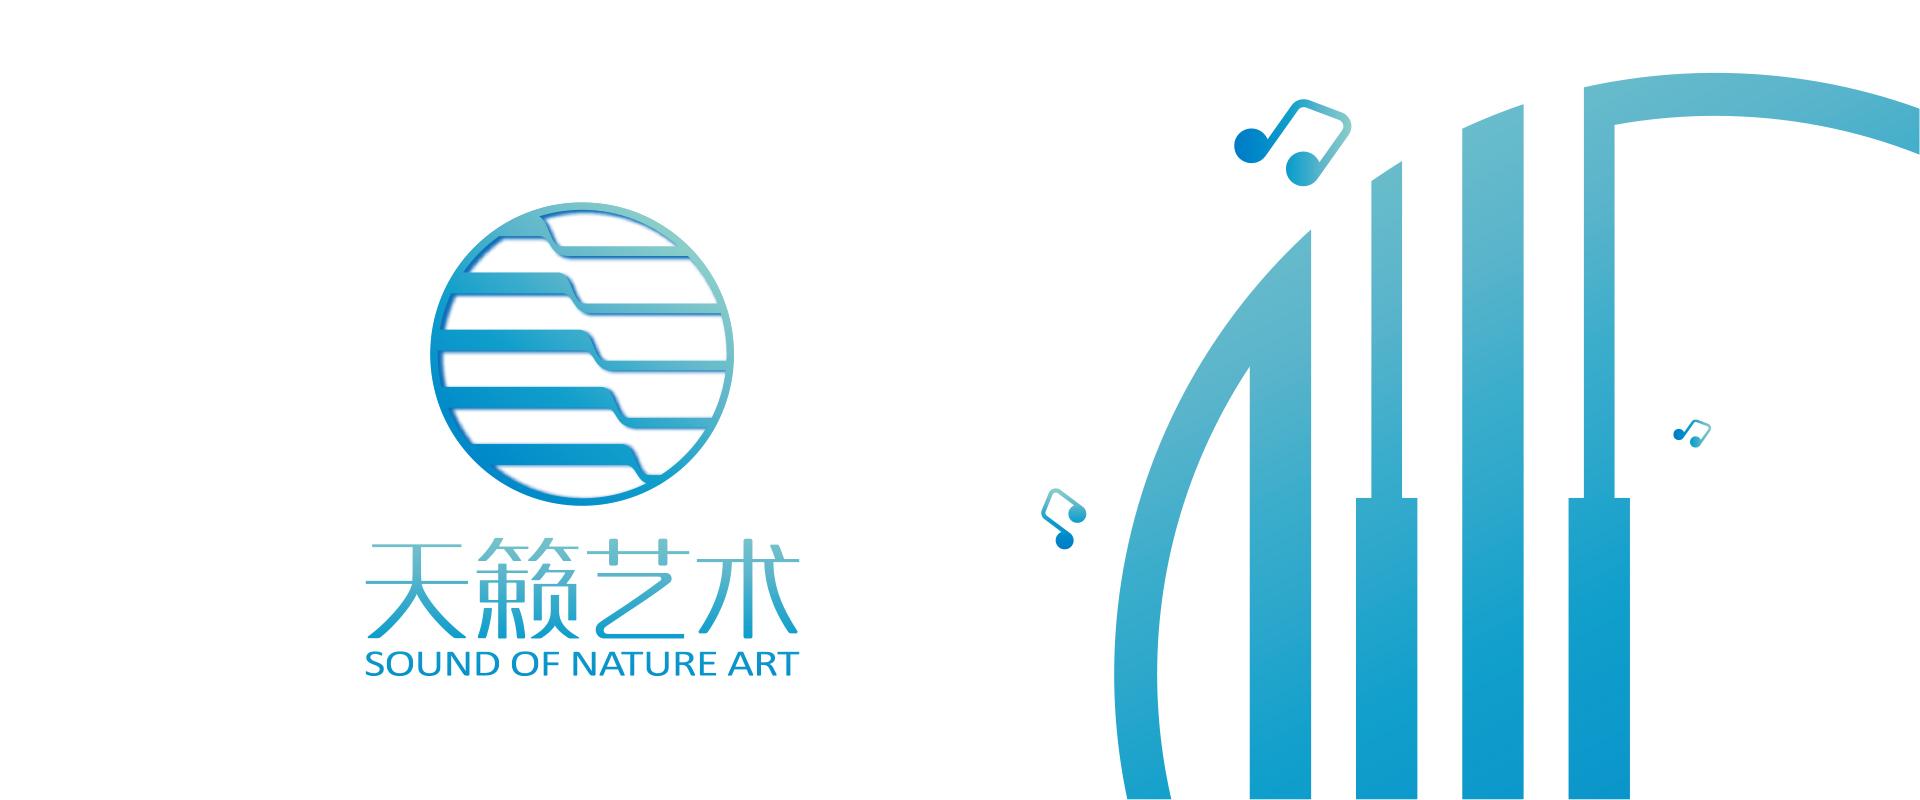 天籁艺术品牌设计